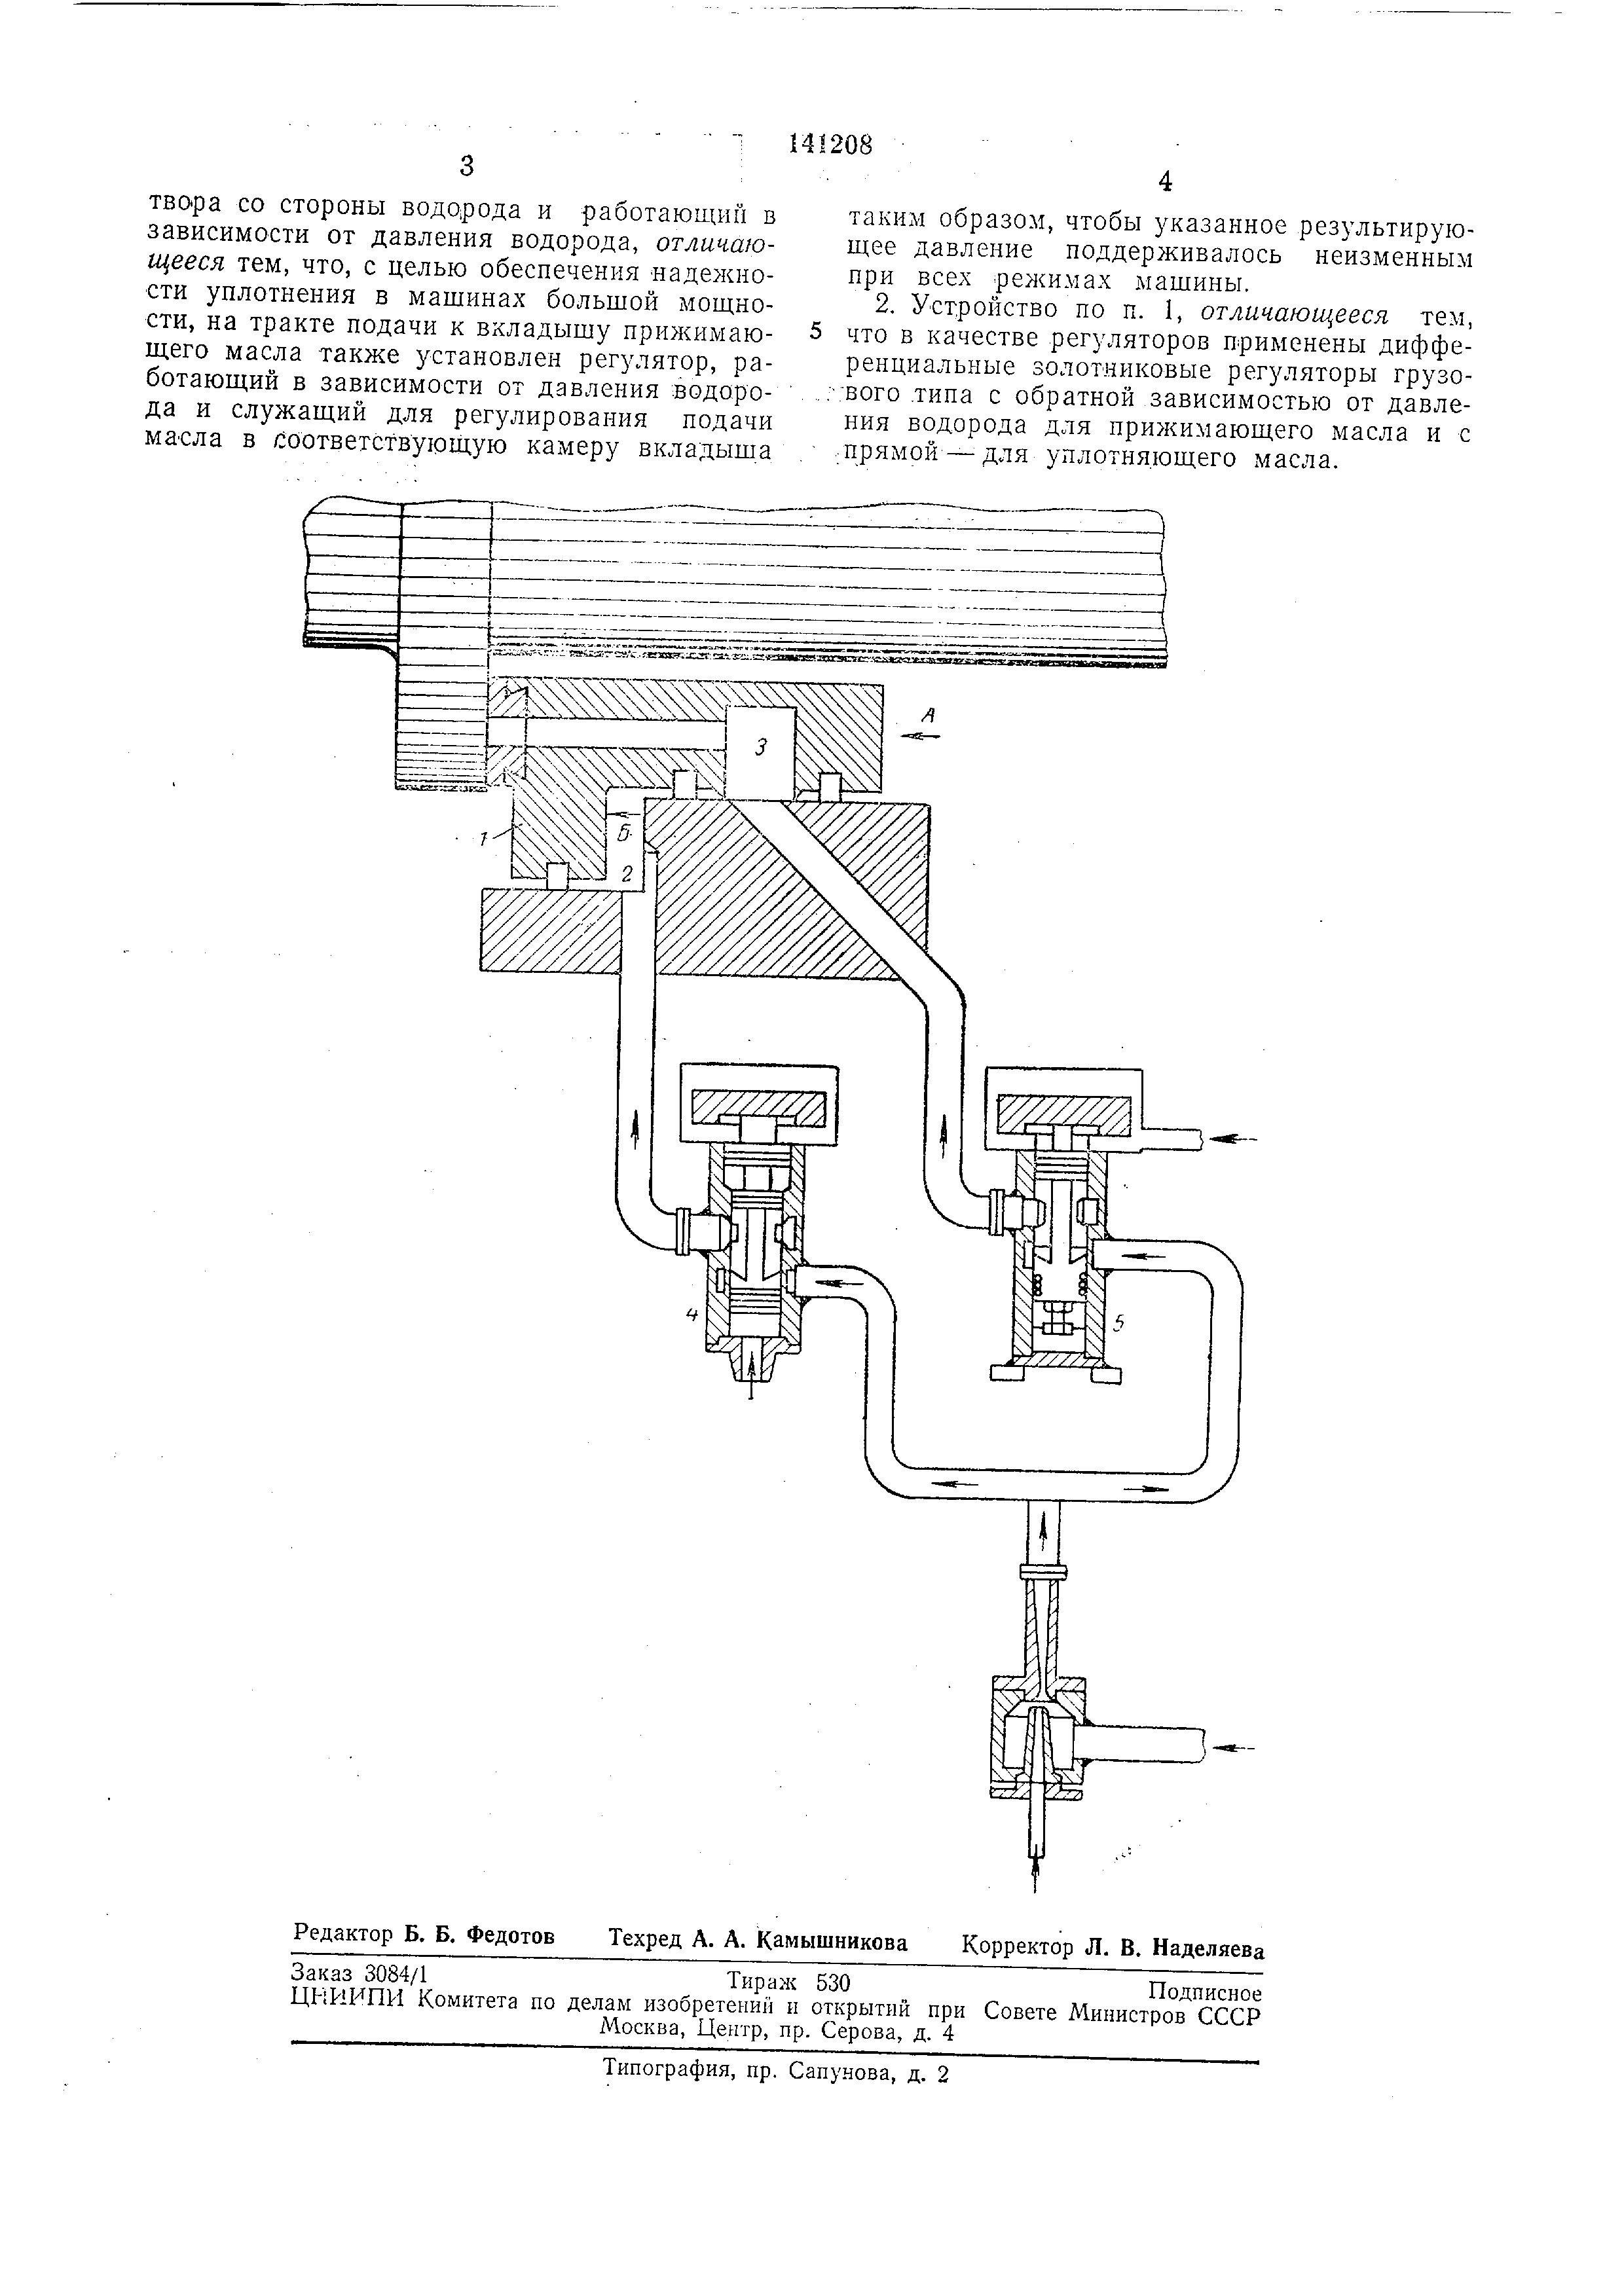 масляные уплотнения генераторов с водородным пишется